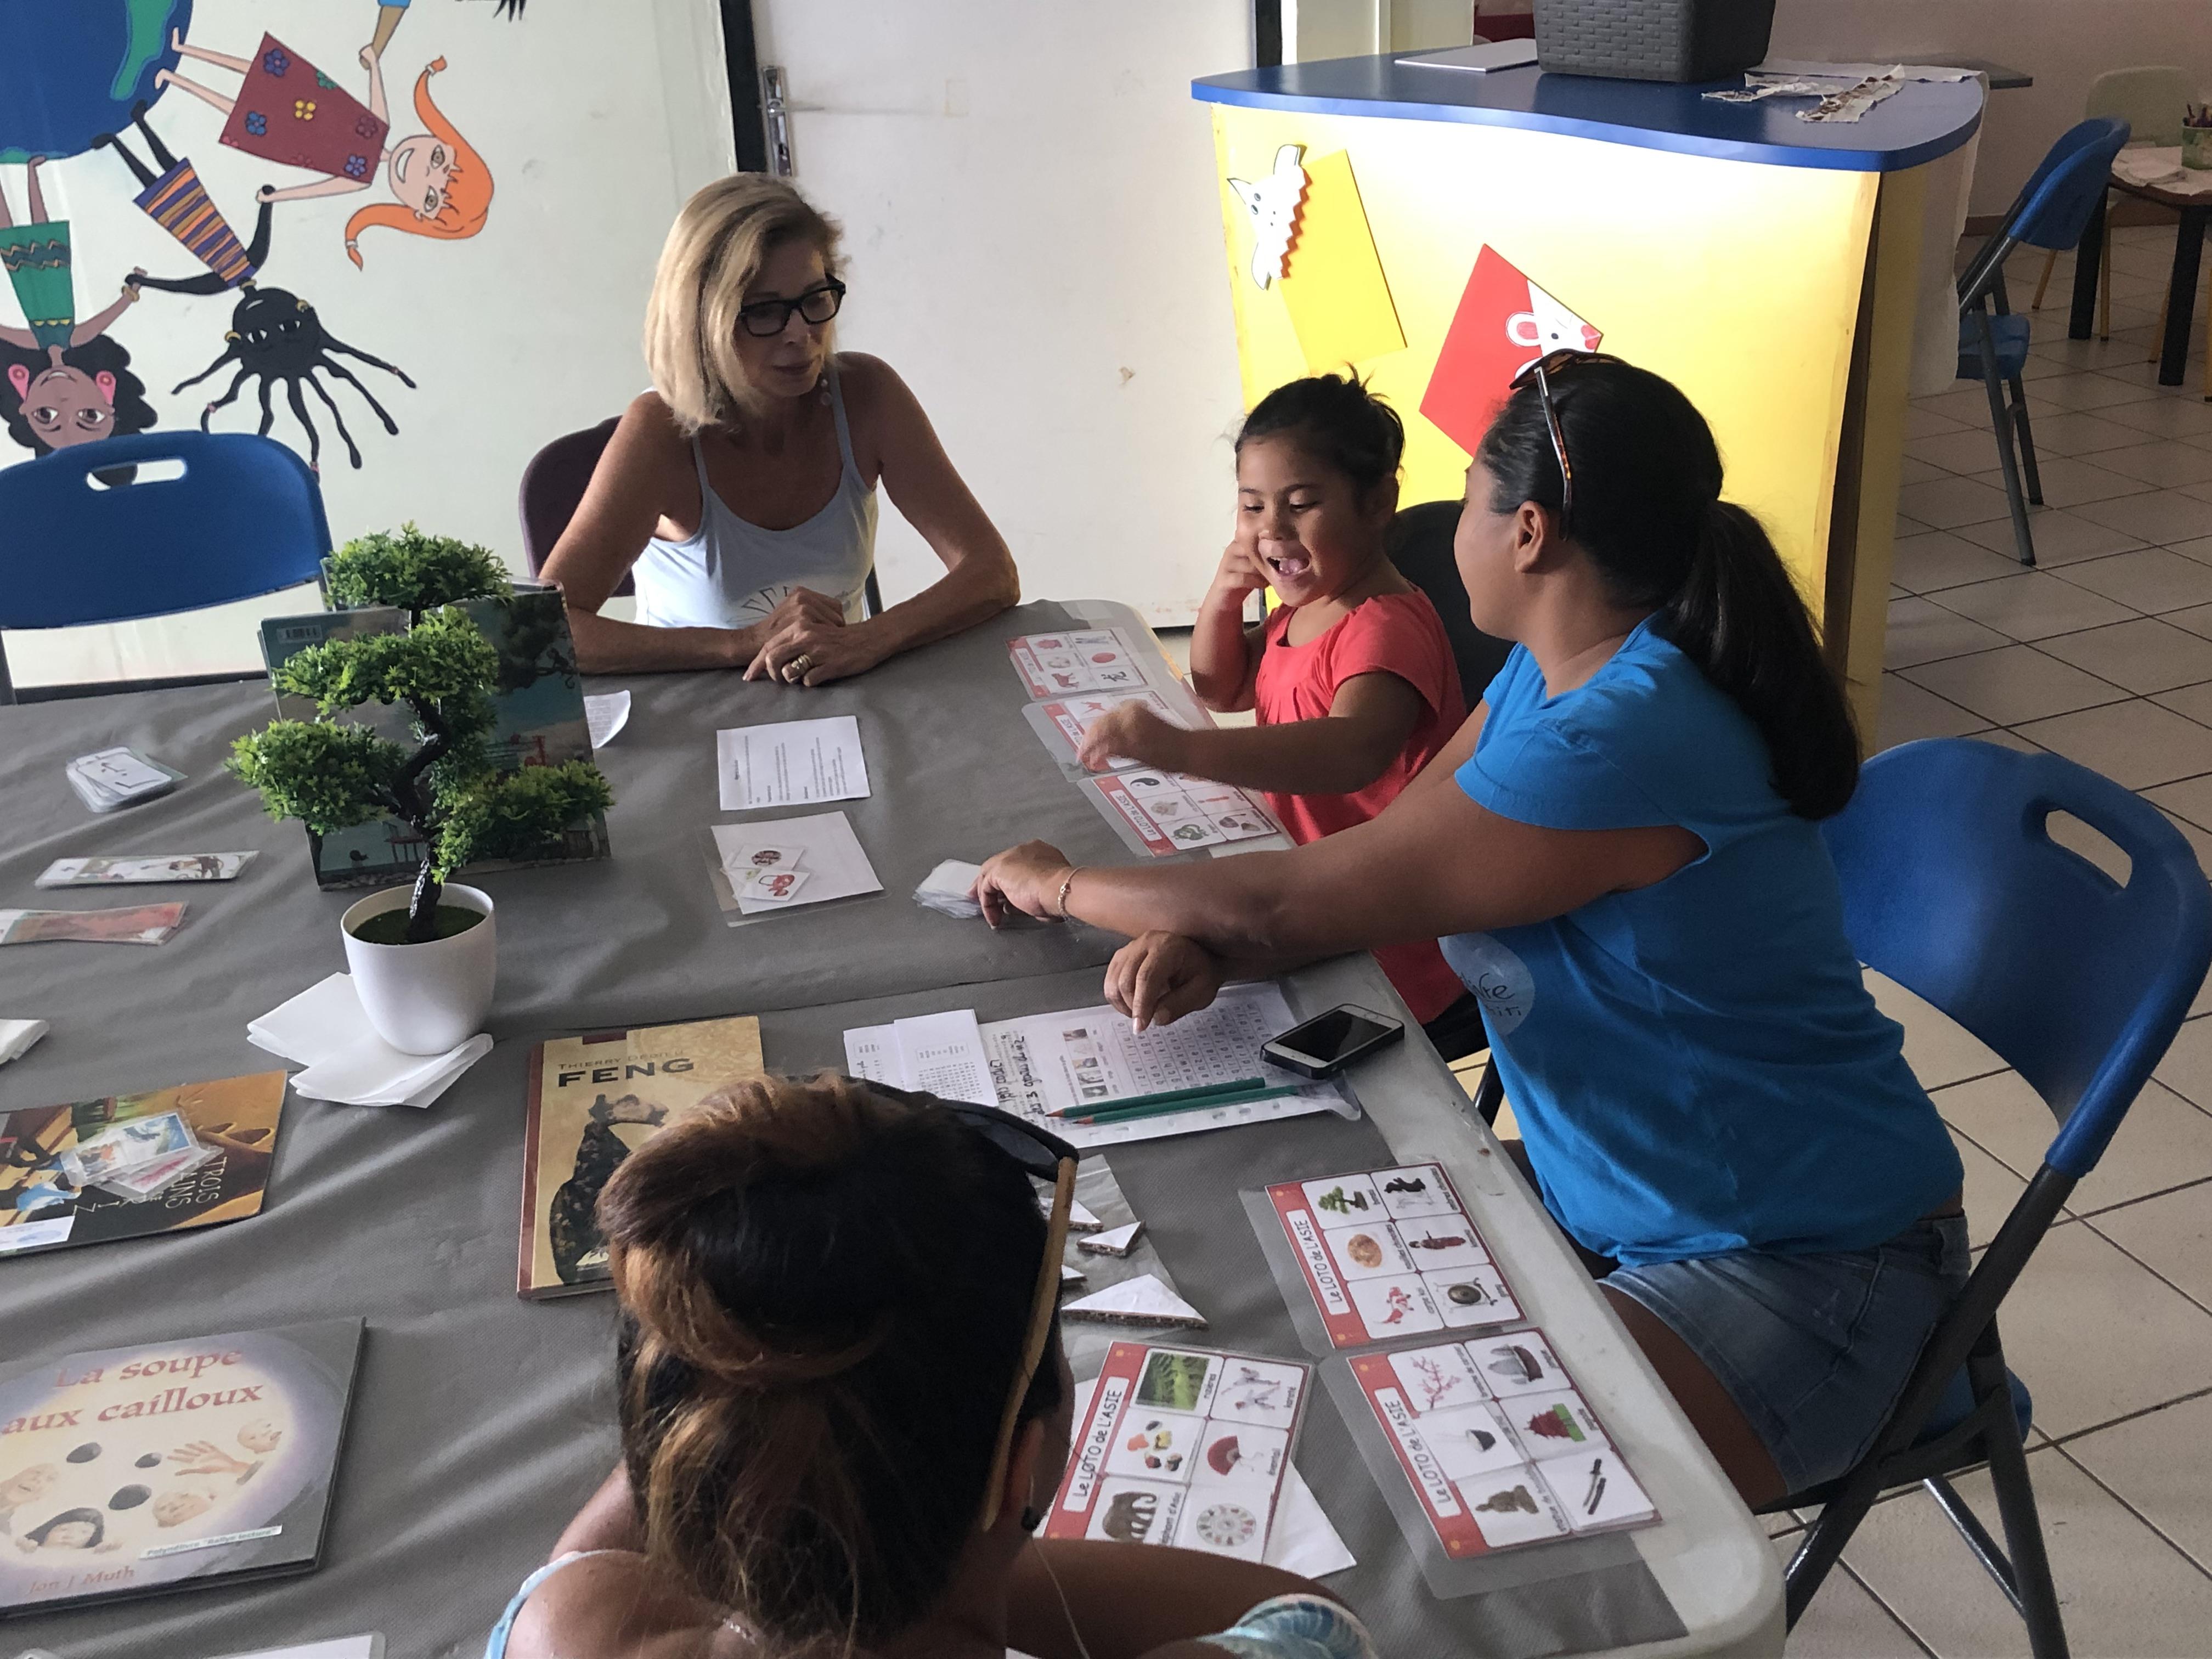 """""""La vraie prévention se passe dans la petite enfance, de 0 à 5 ans, avec un soutien des parents. Il faut privilégier la prise en charge très précoce des jeunes enfants avec les parents,"""" a insisté le directeur du Fare Tama Hau."""